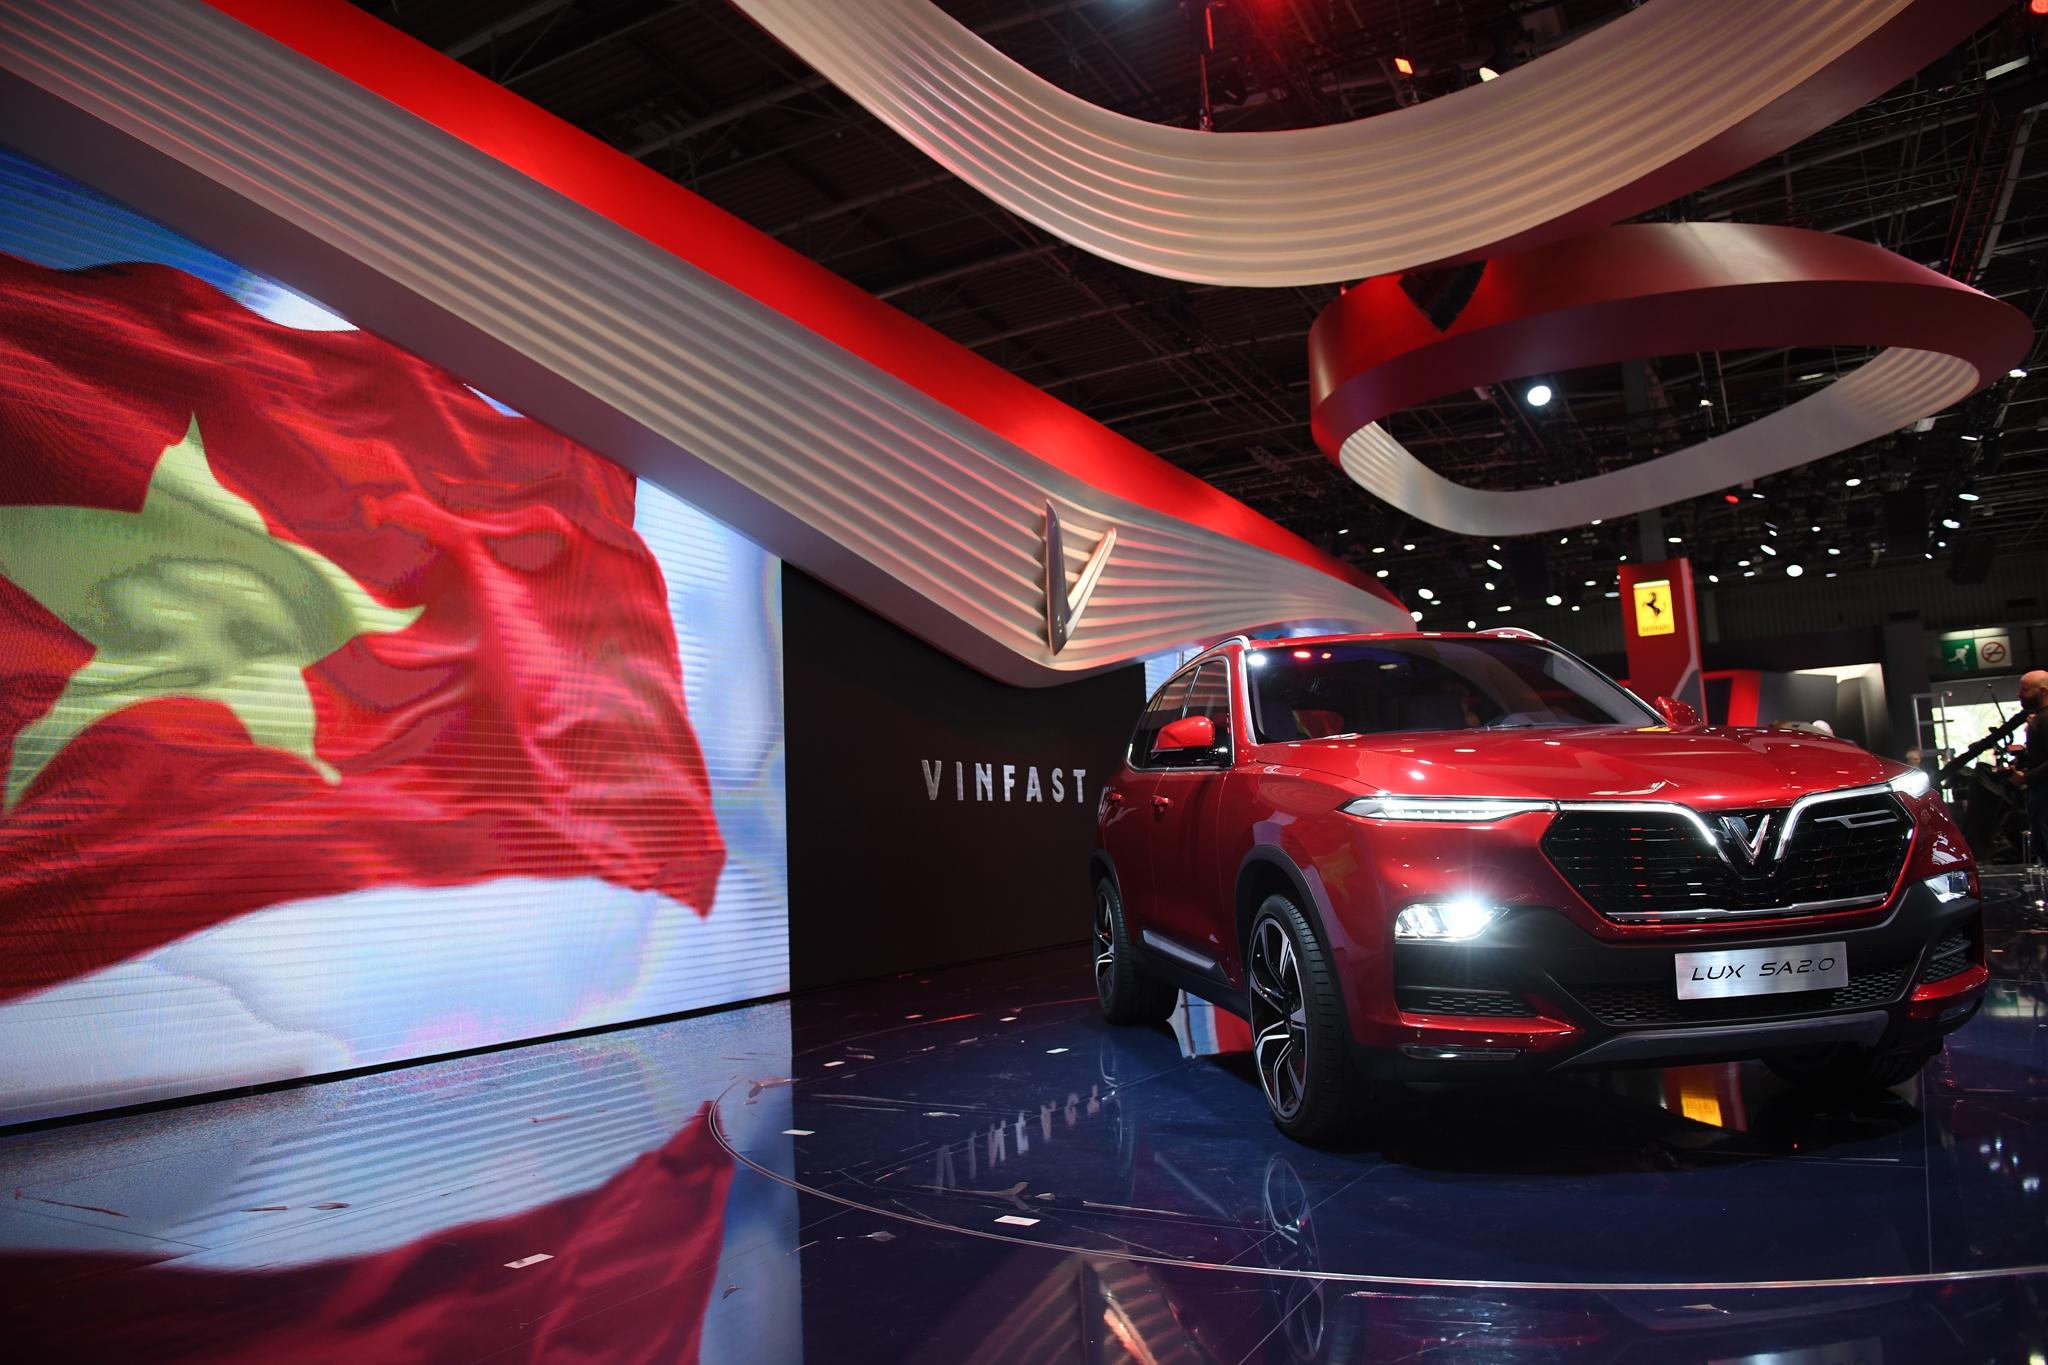 Mot nam ky tich cua VinFast tu Paris Motor Show 2018 den VMS 2019 hinh anh 51